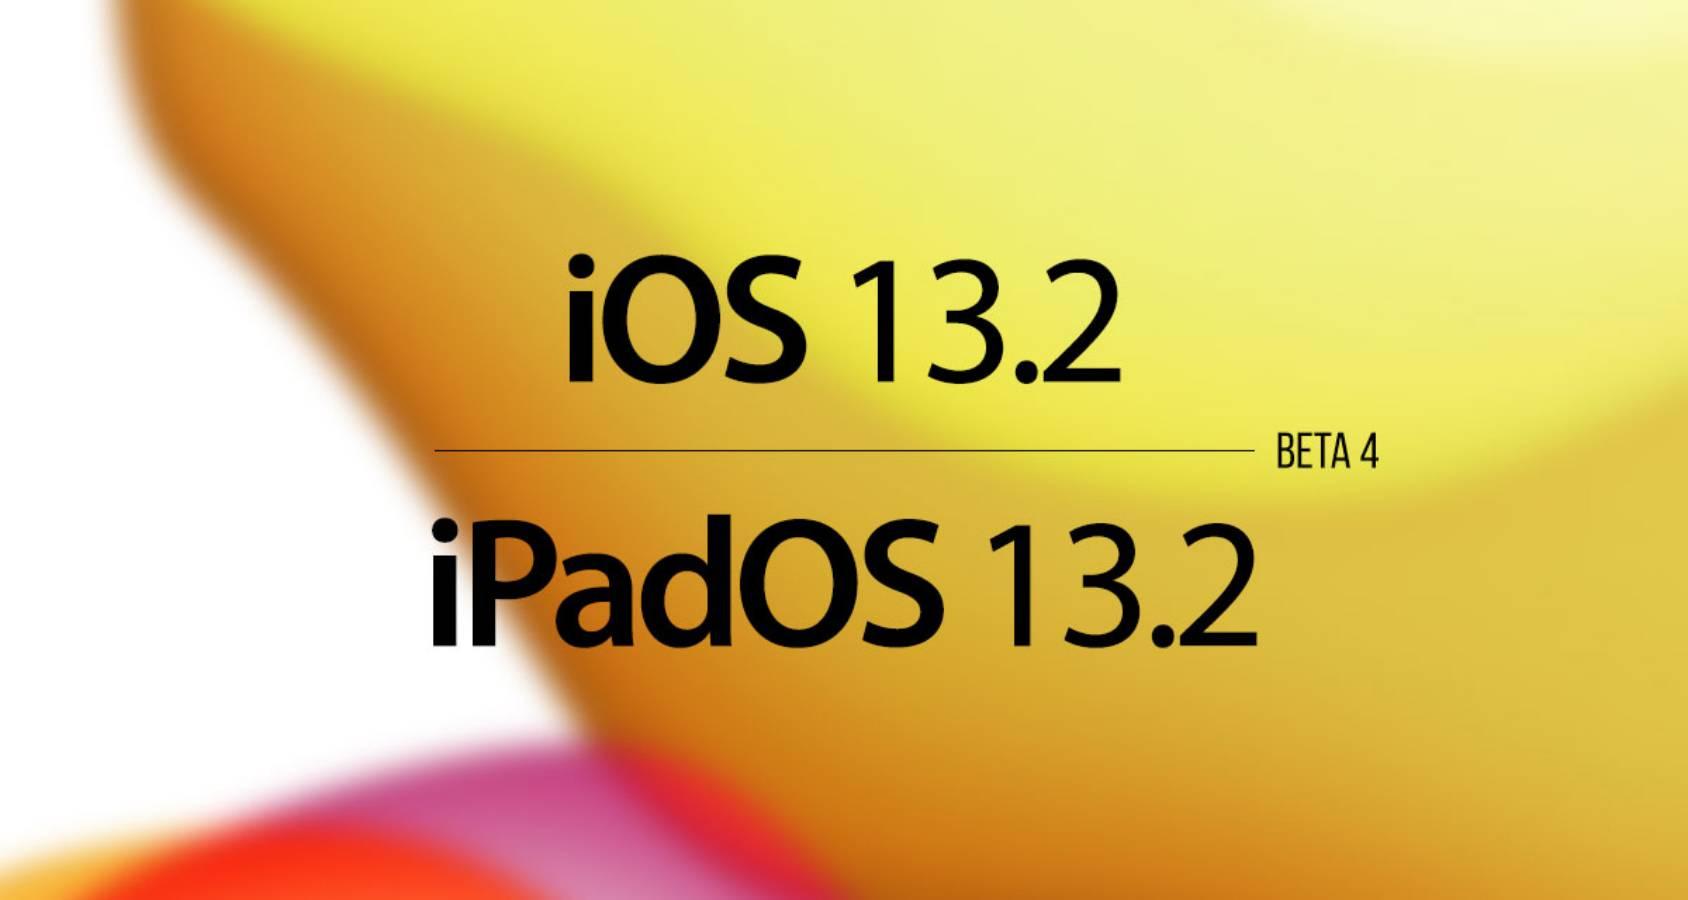 Výsledek obrázku pro iOS 13.2 beta 4